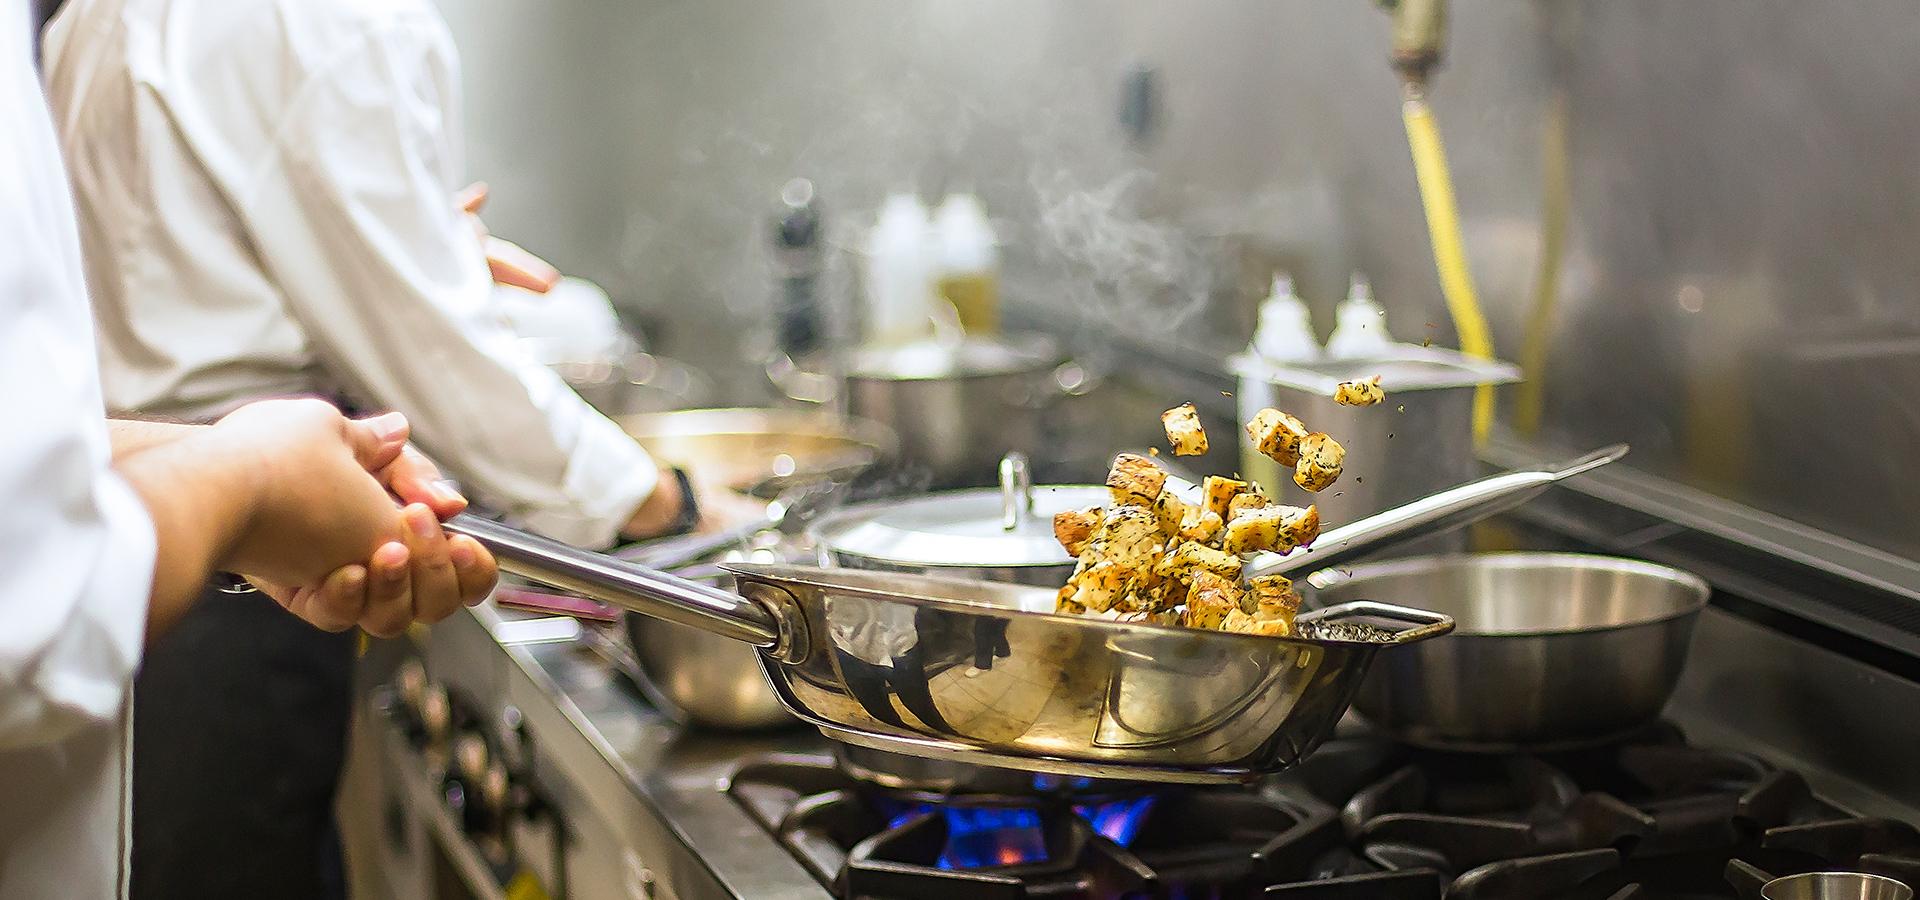 Koch schwenkt Essen in einer Pfanne auf dem Herd